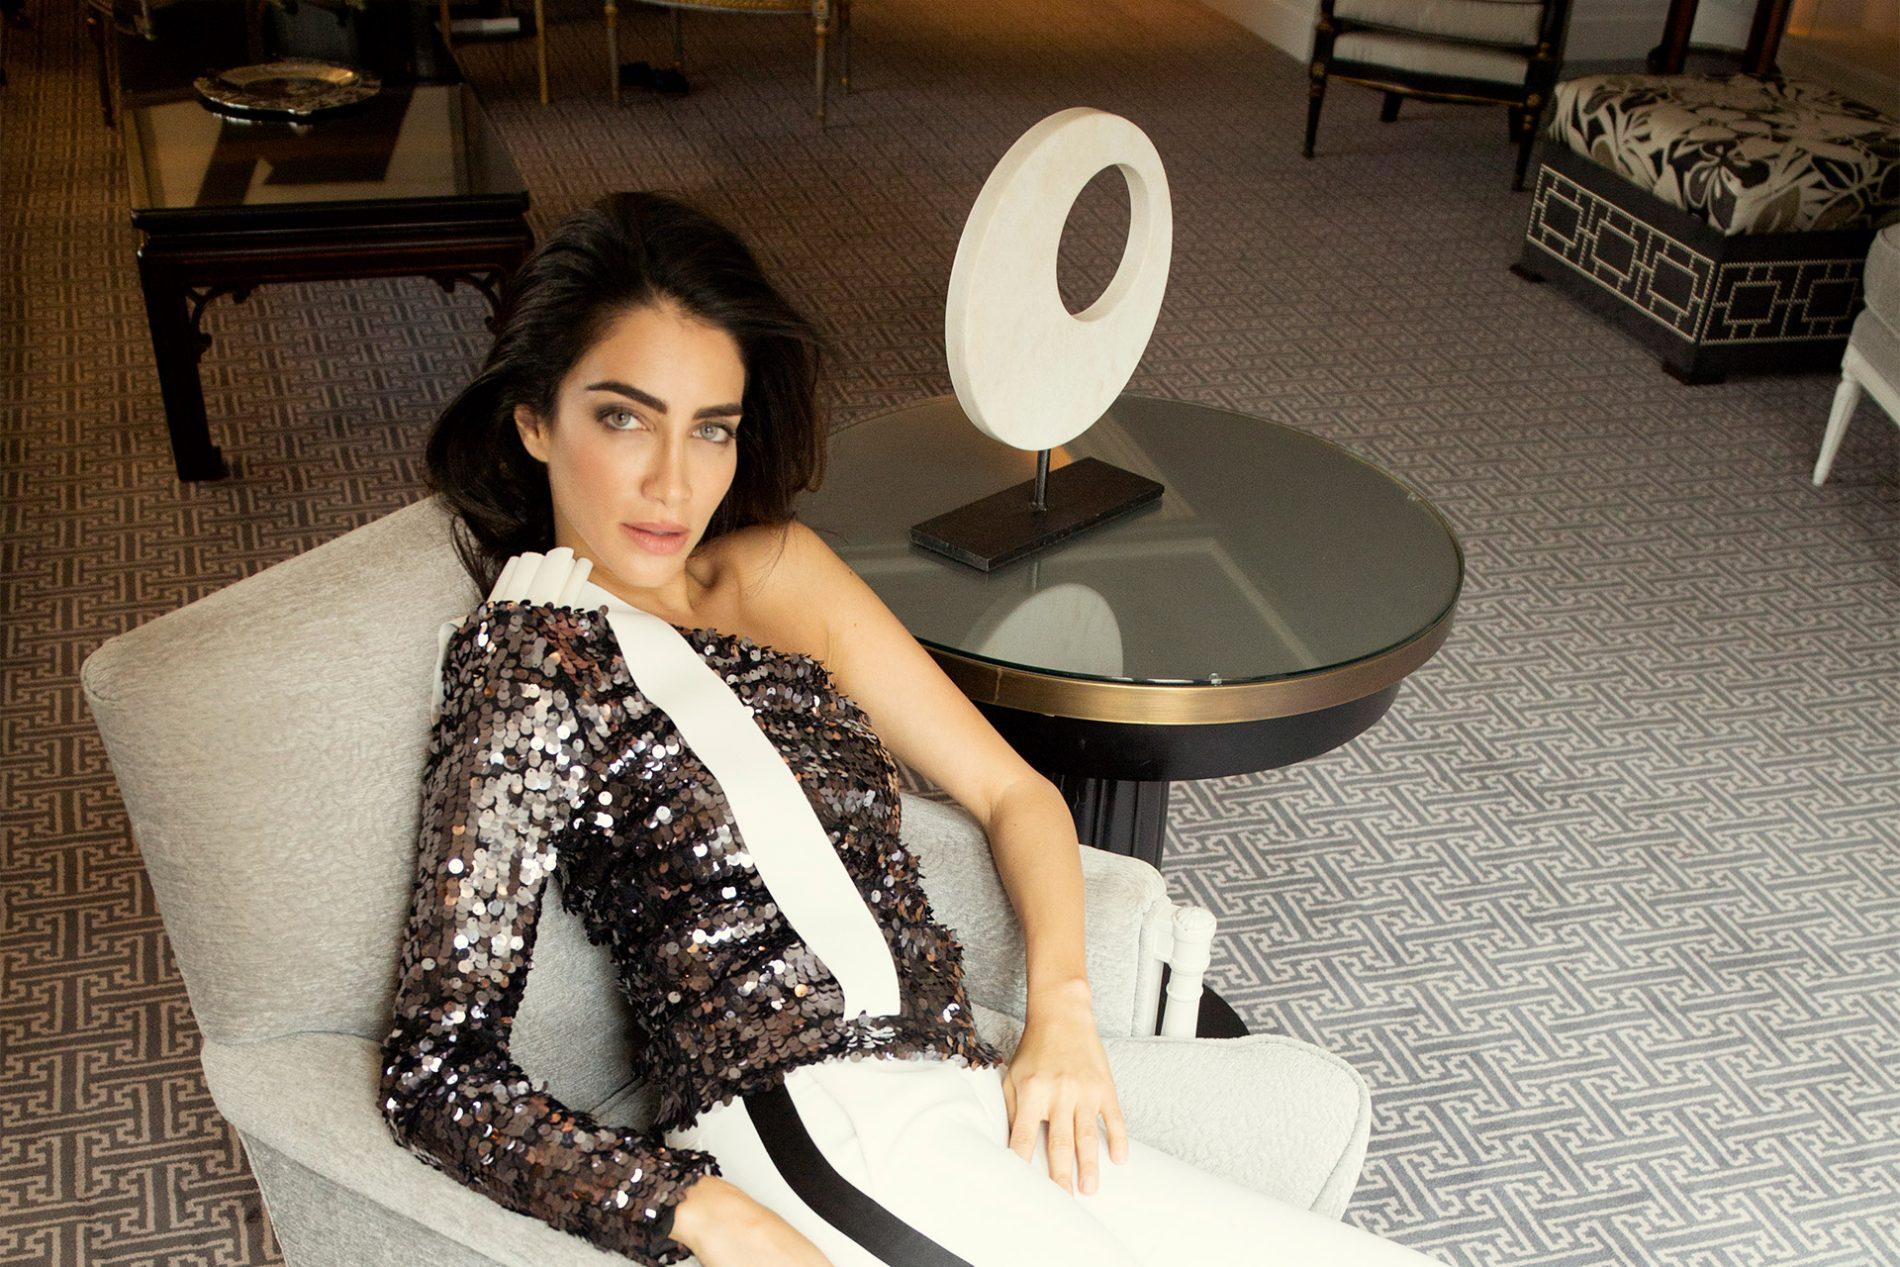 穿搭:MSMG、Valentino,Jessica Kahawati于马德里麦格纳别墅酒店